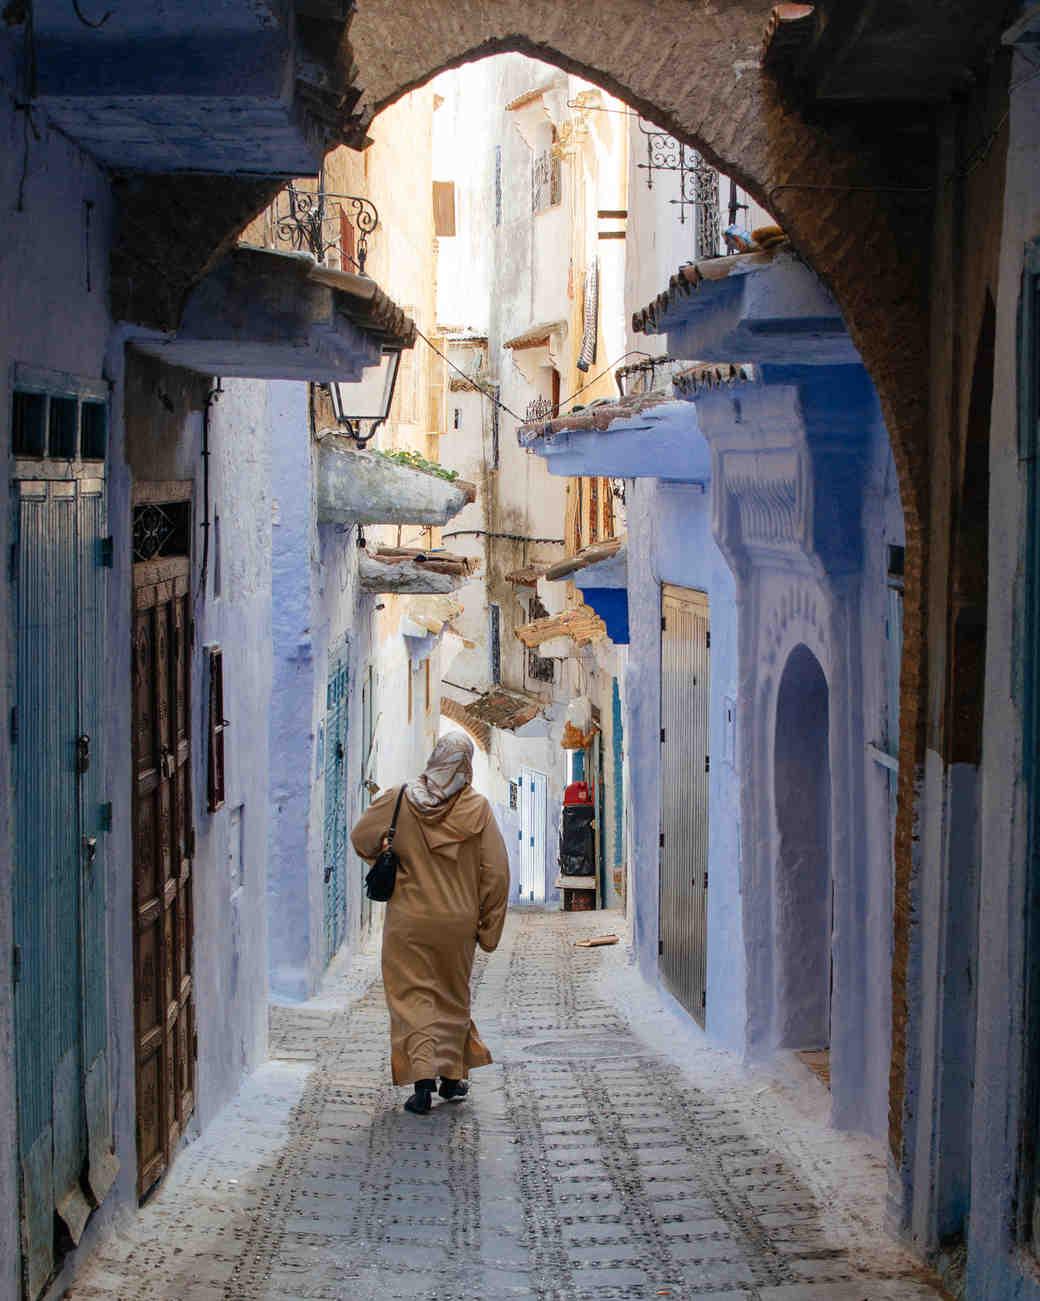 morocco-honeymoon-chefchaouen-dsc0295-0914.jpg